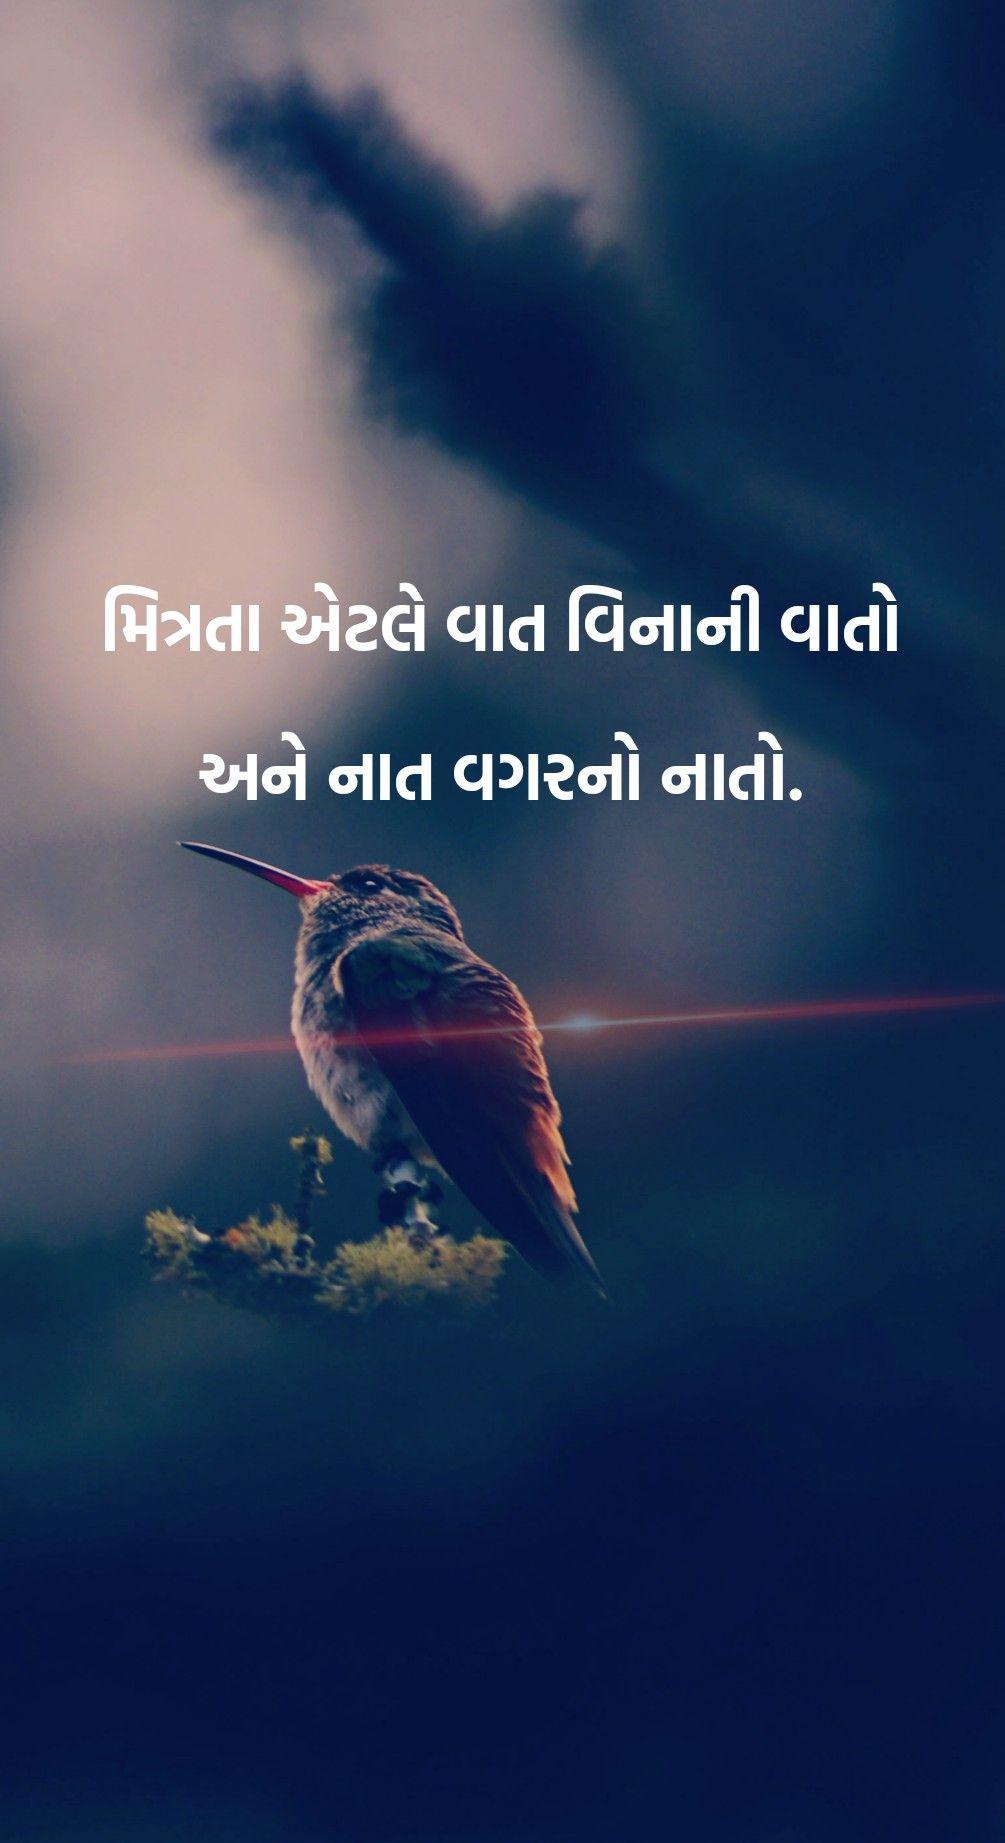 gujratiquotes #gujjuquotes #true #quotes #gujju #gujarat #surat